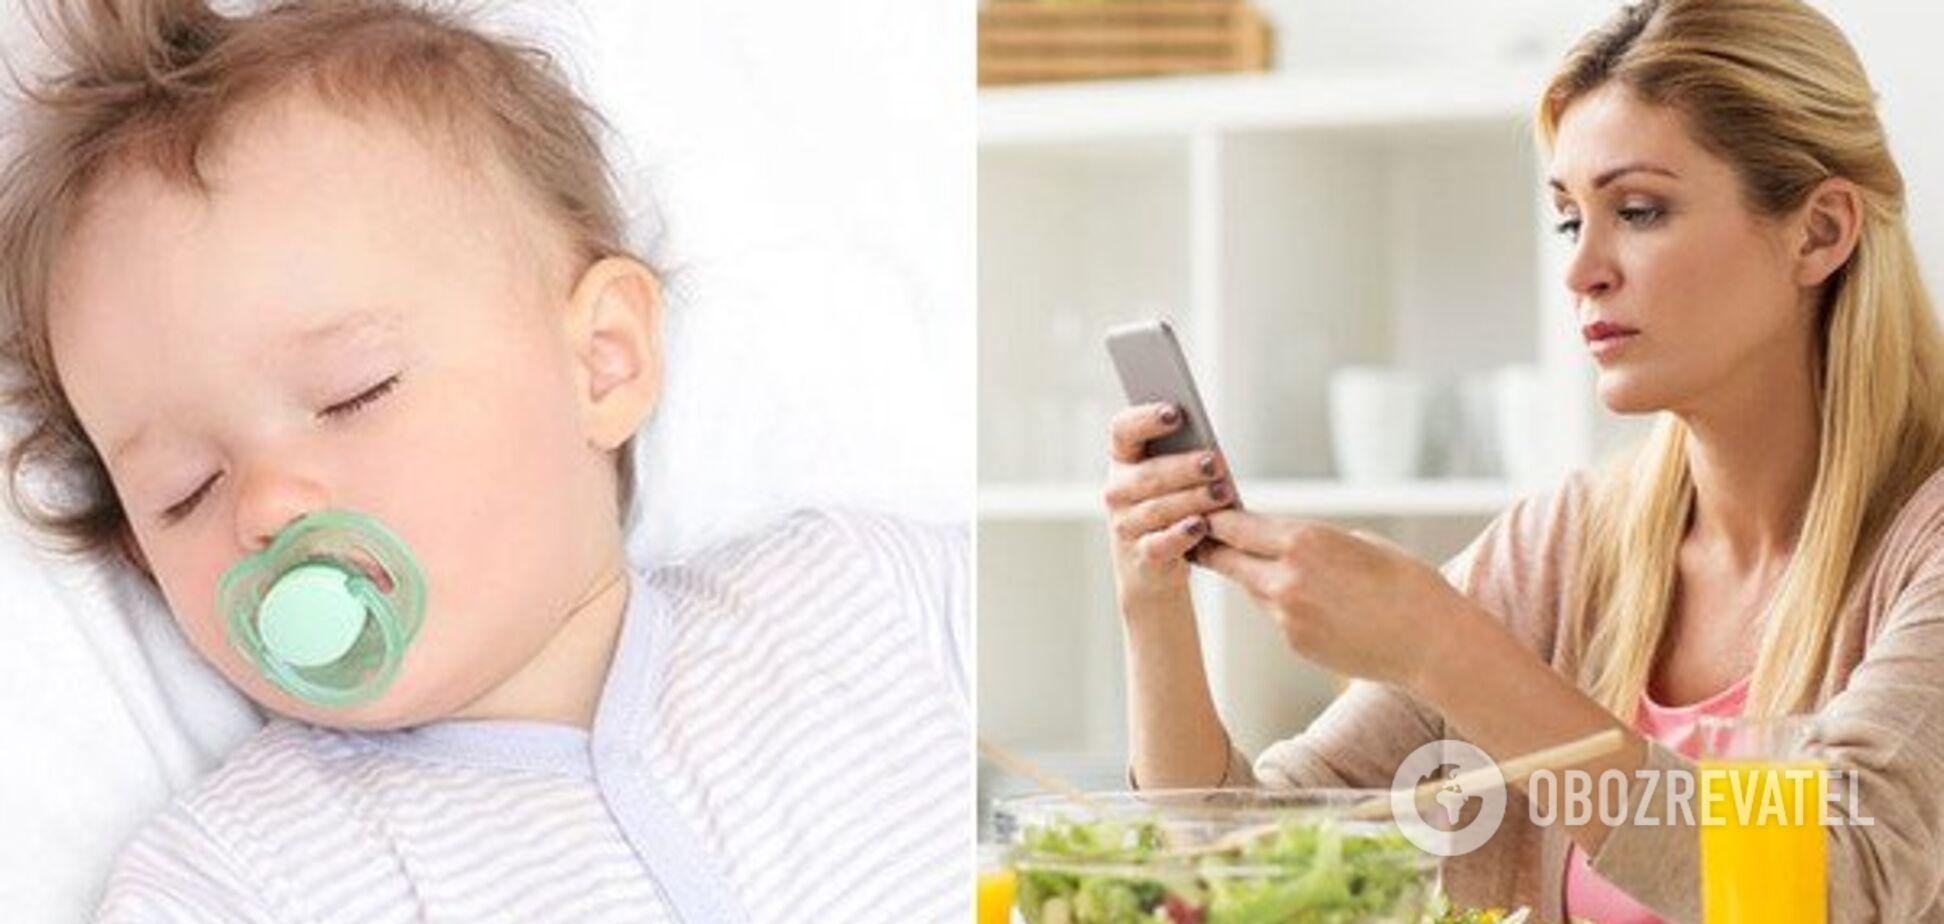 Умный подгузник: Google представил неожиданную находку для родителей